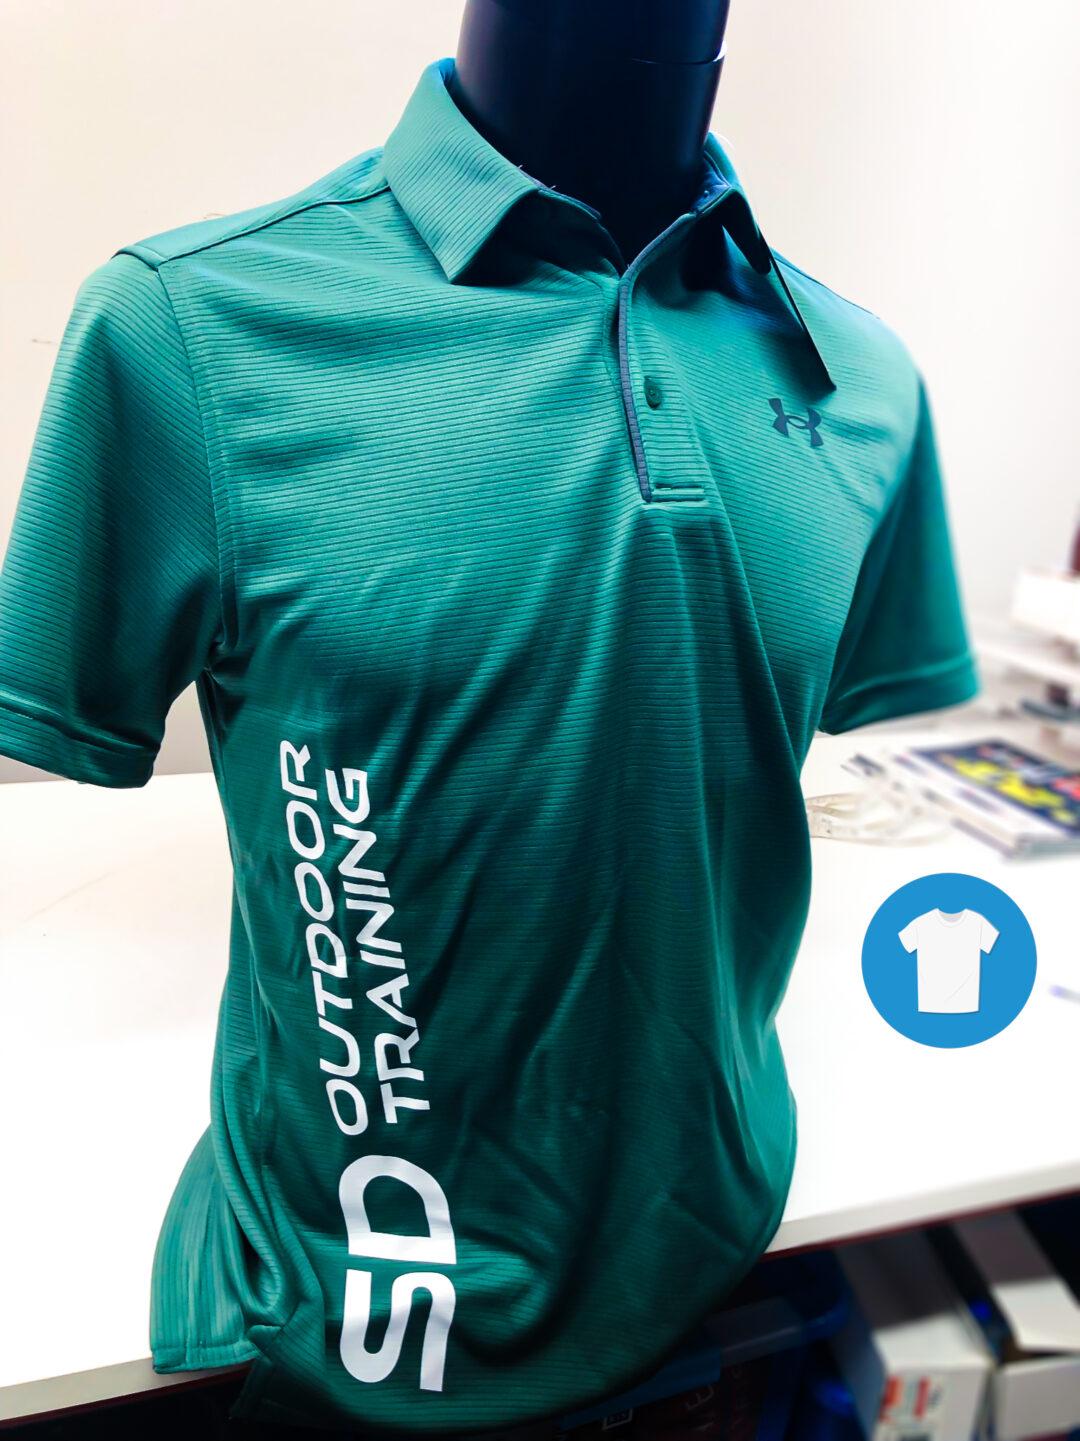 Signaal Bedrijfskleding // SD Outdoor // Sportpoloshirts bedrukt met een buiklogo